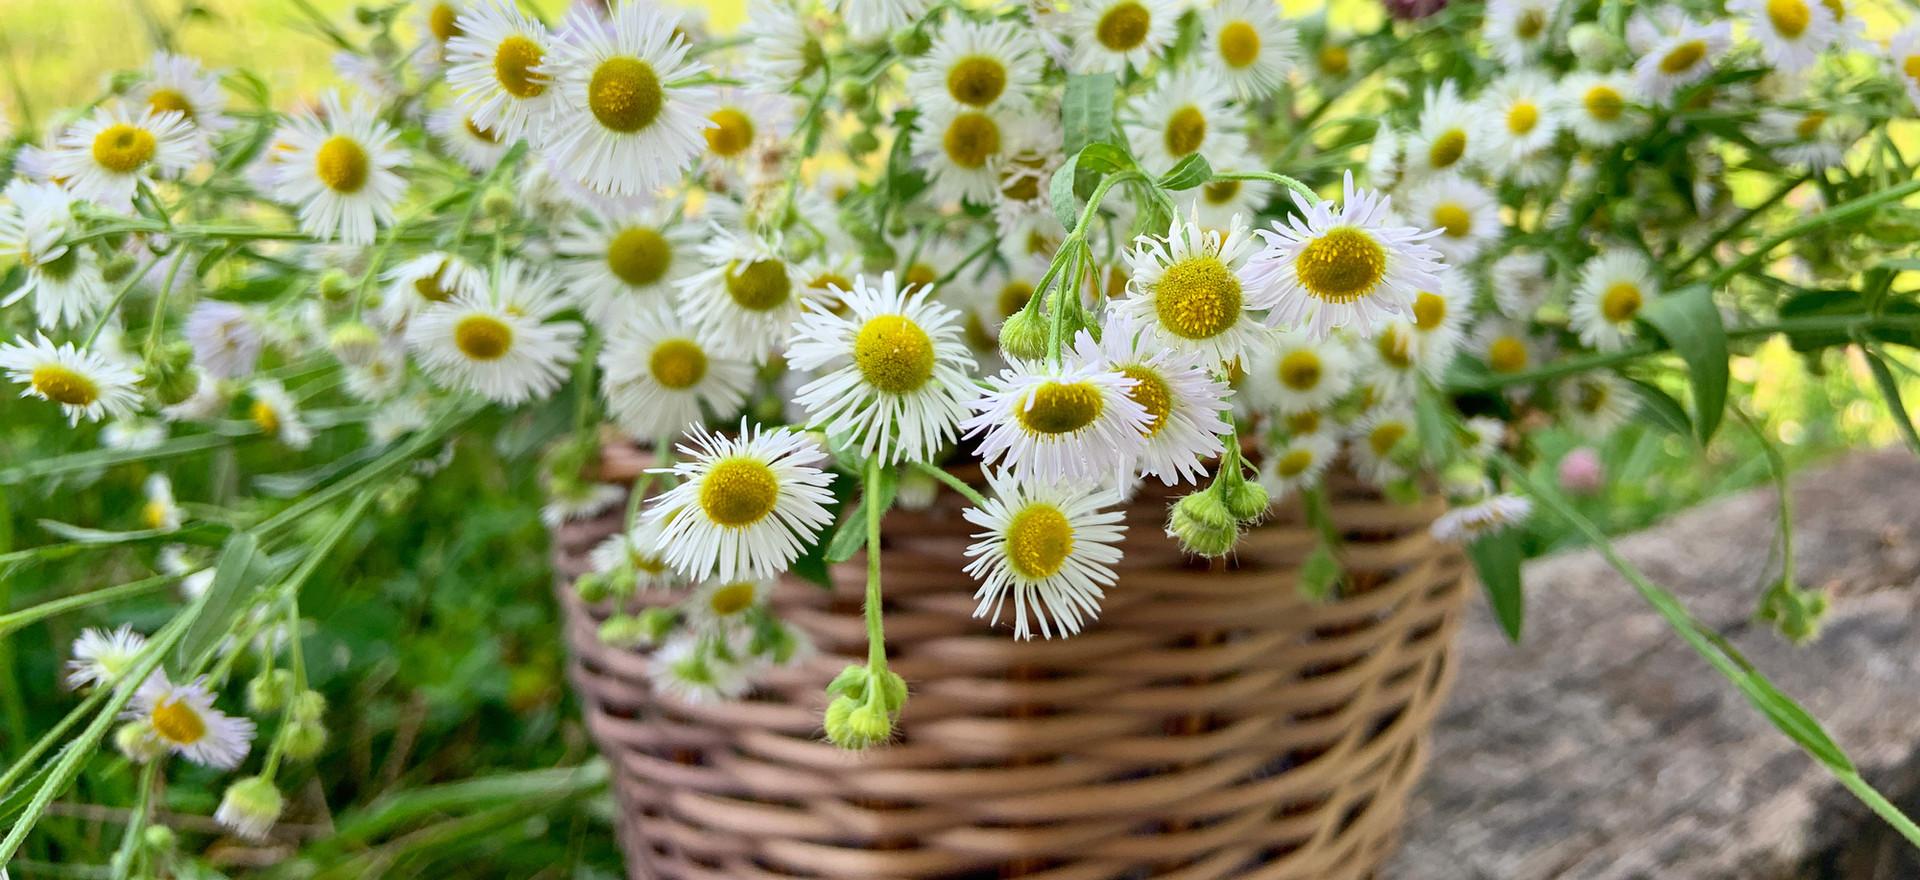 Basket of wildflowers